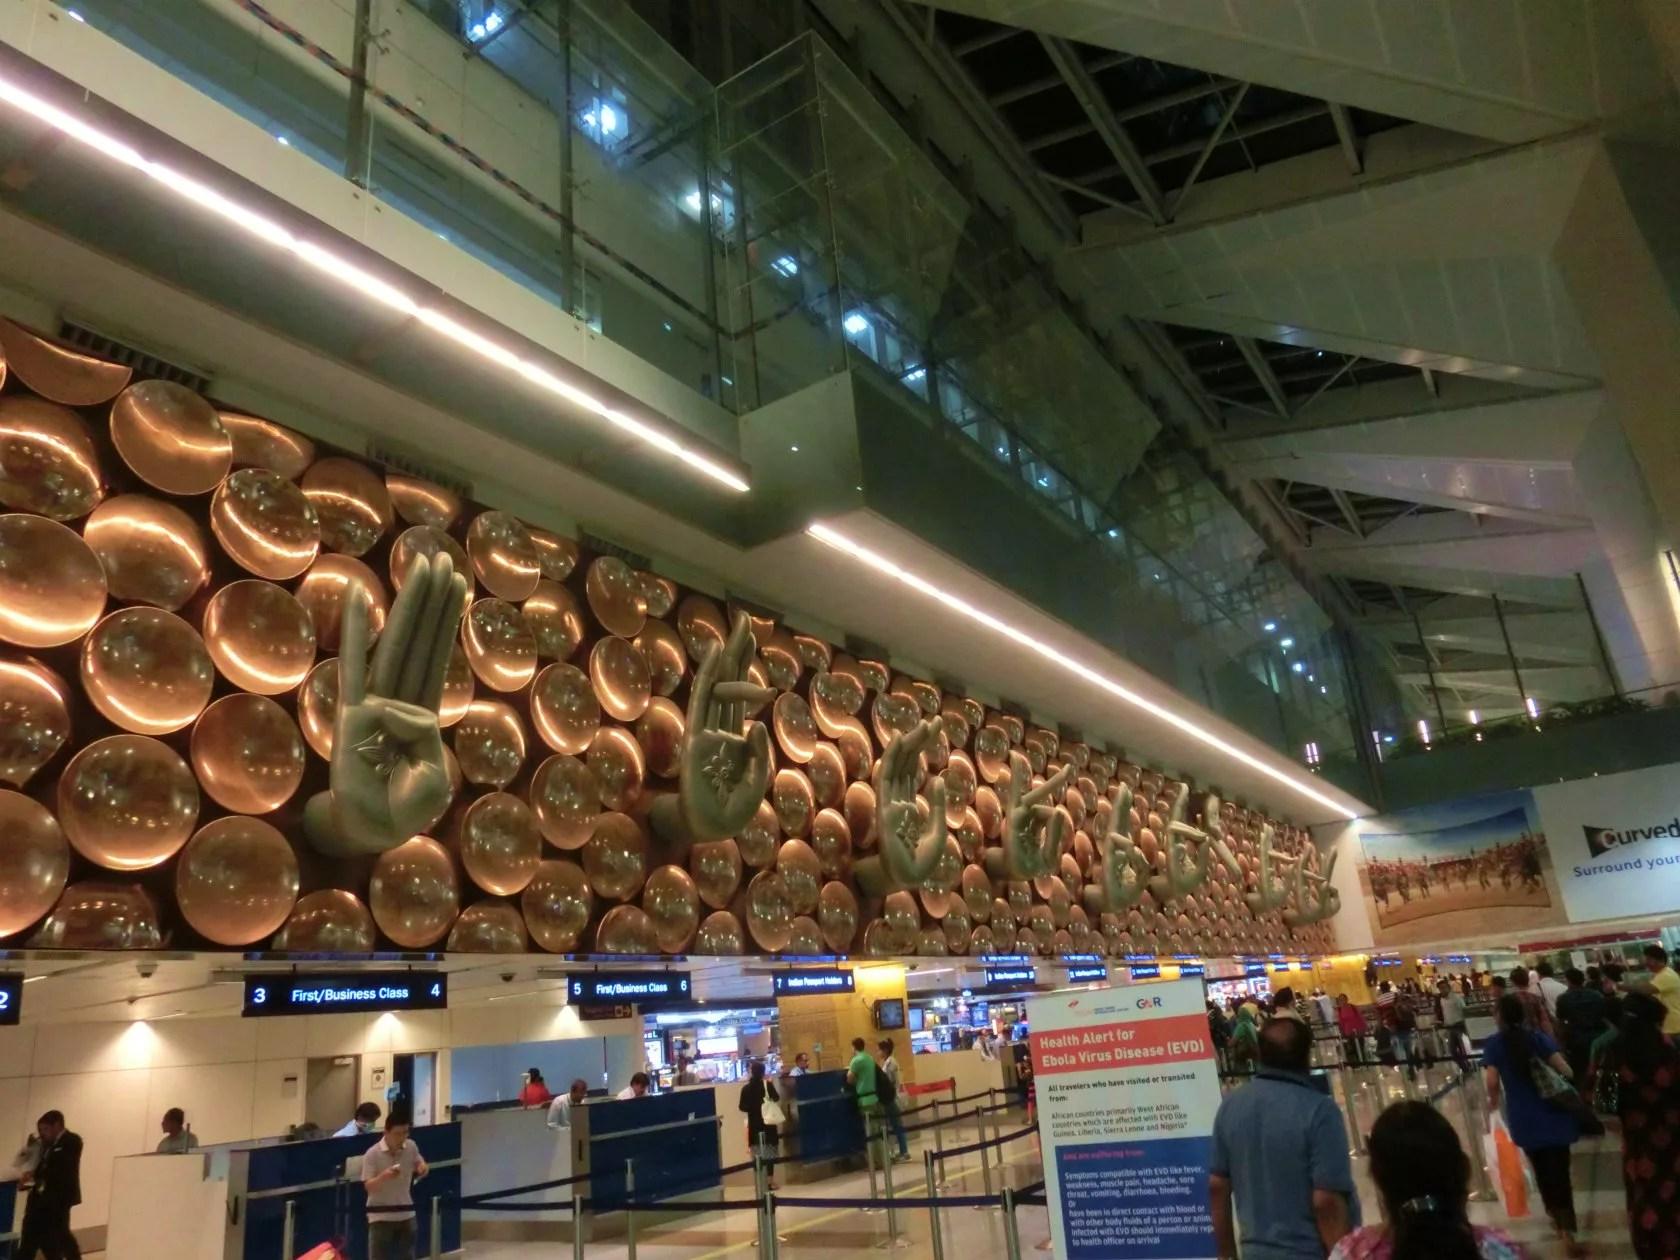 インディラ・ガンディー国際空港の有名なモニュメント